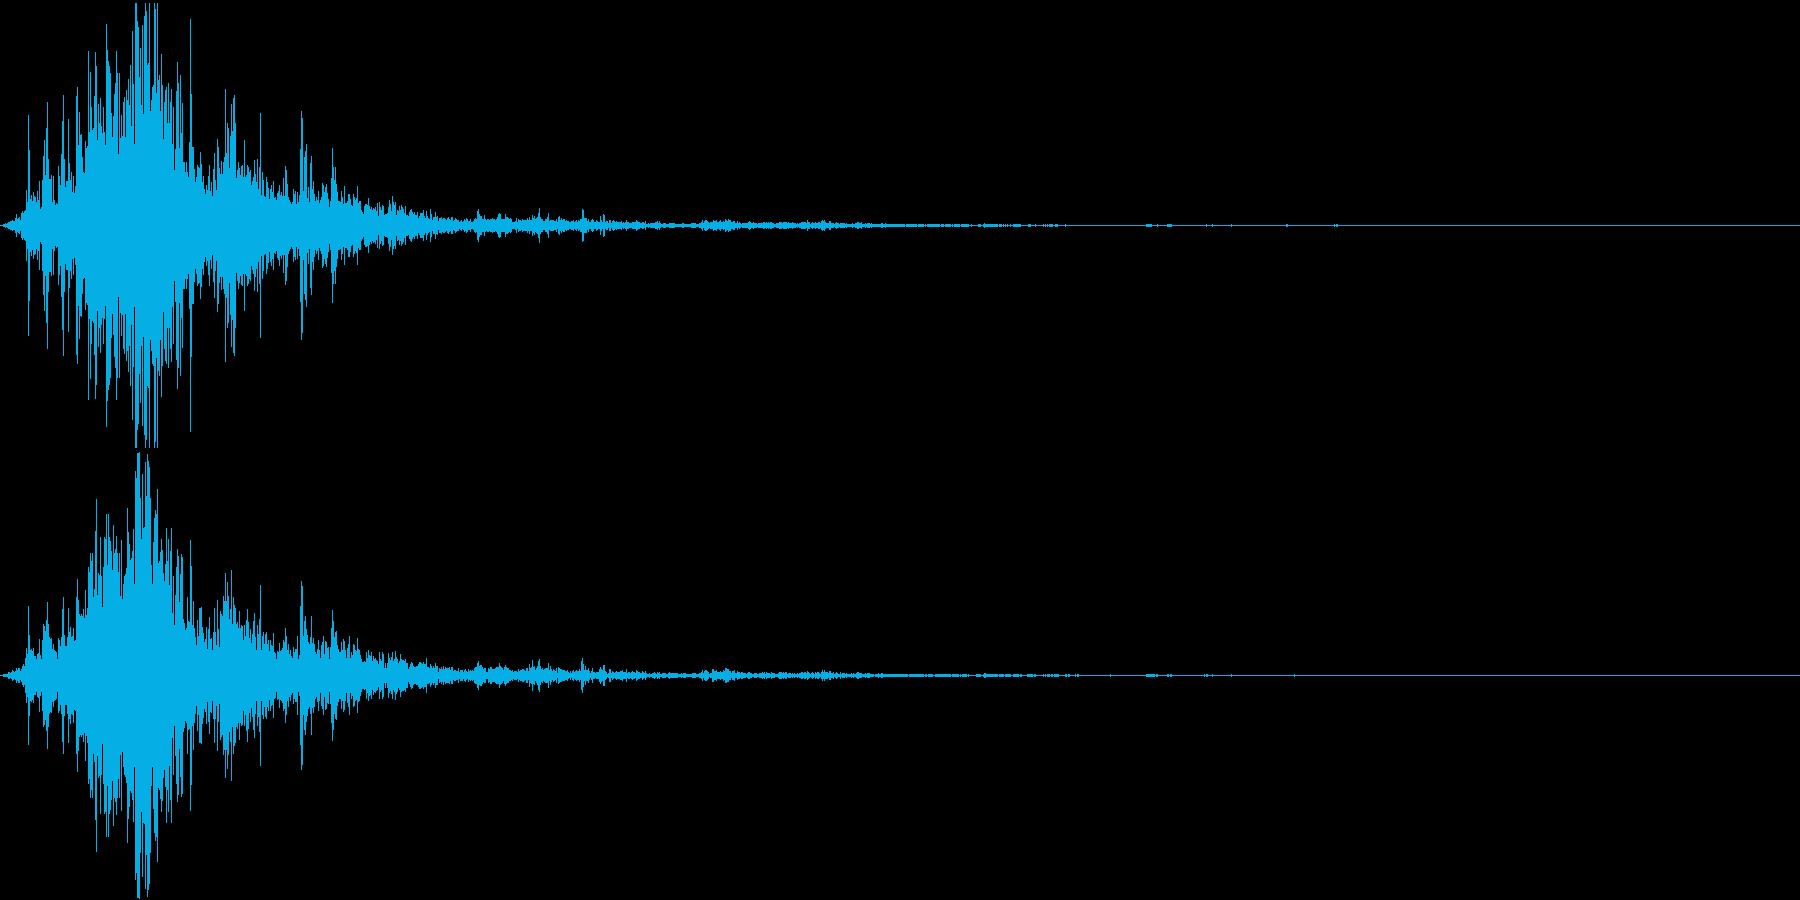 【自然音】カミナリ「ゴロゴロ、ピシャ」の再生済みの波形